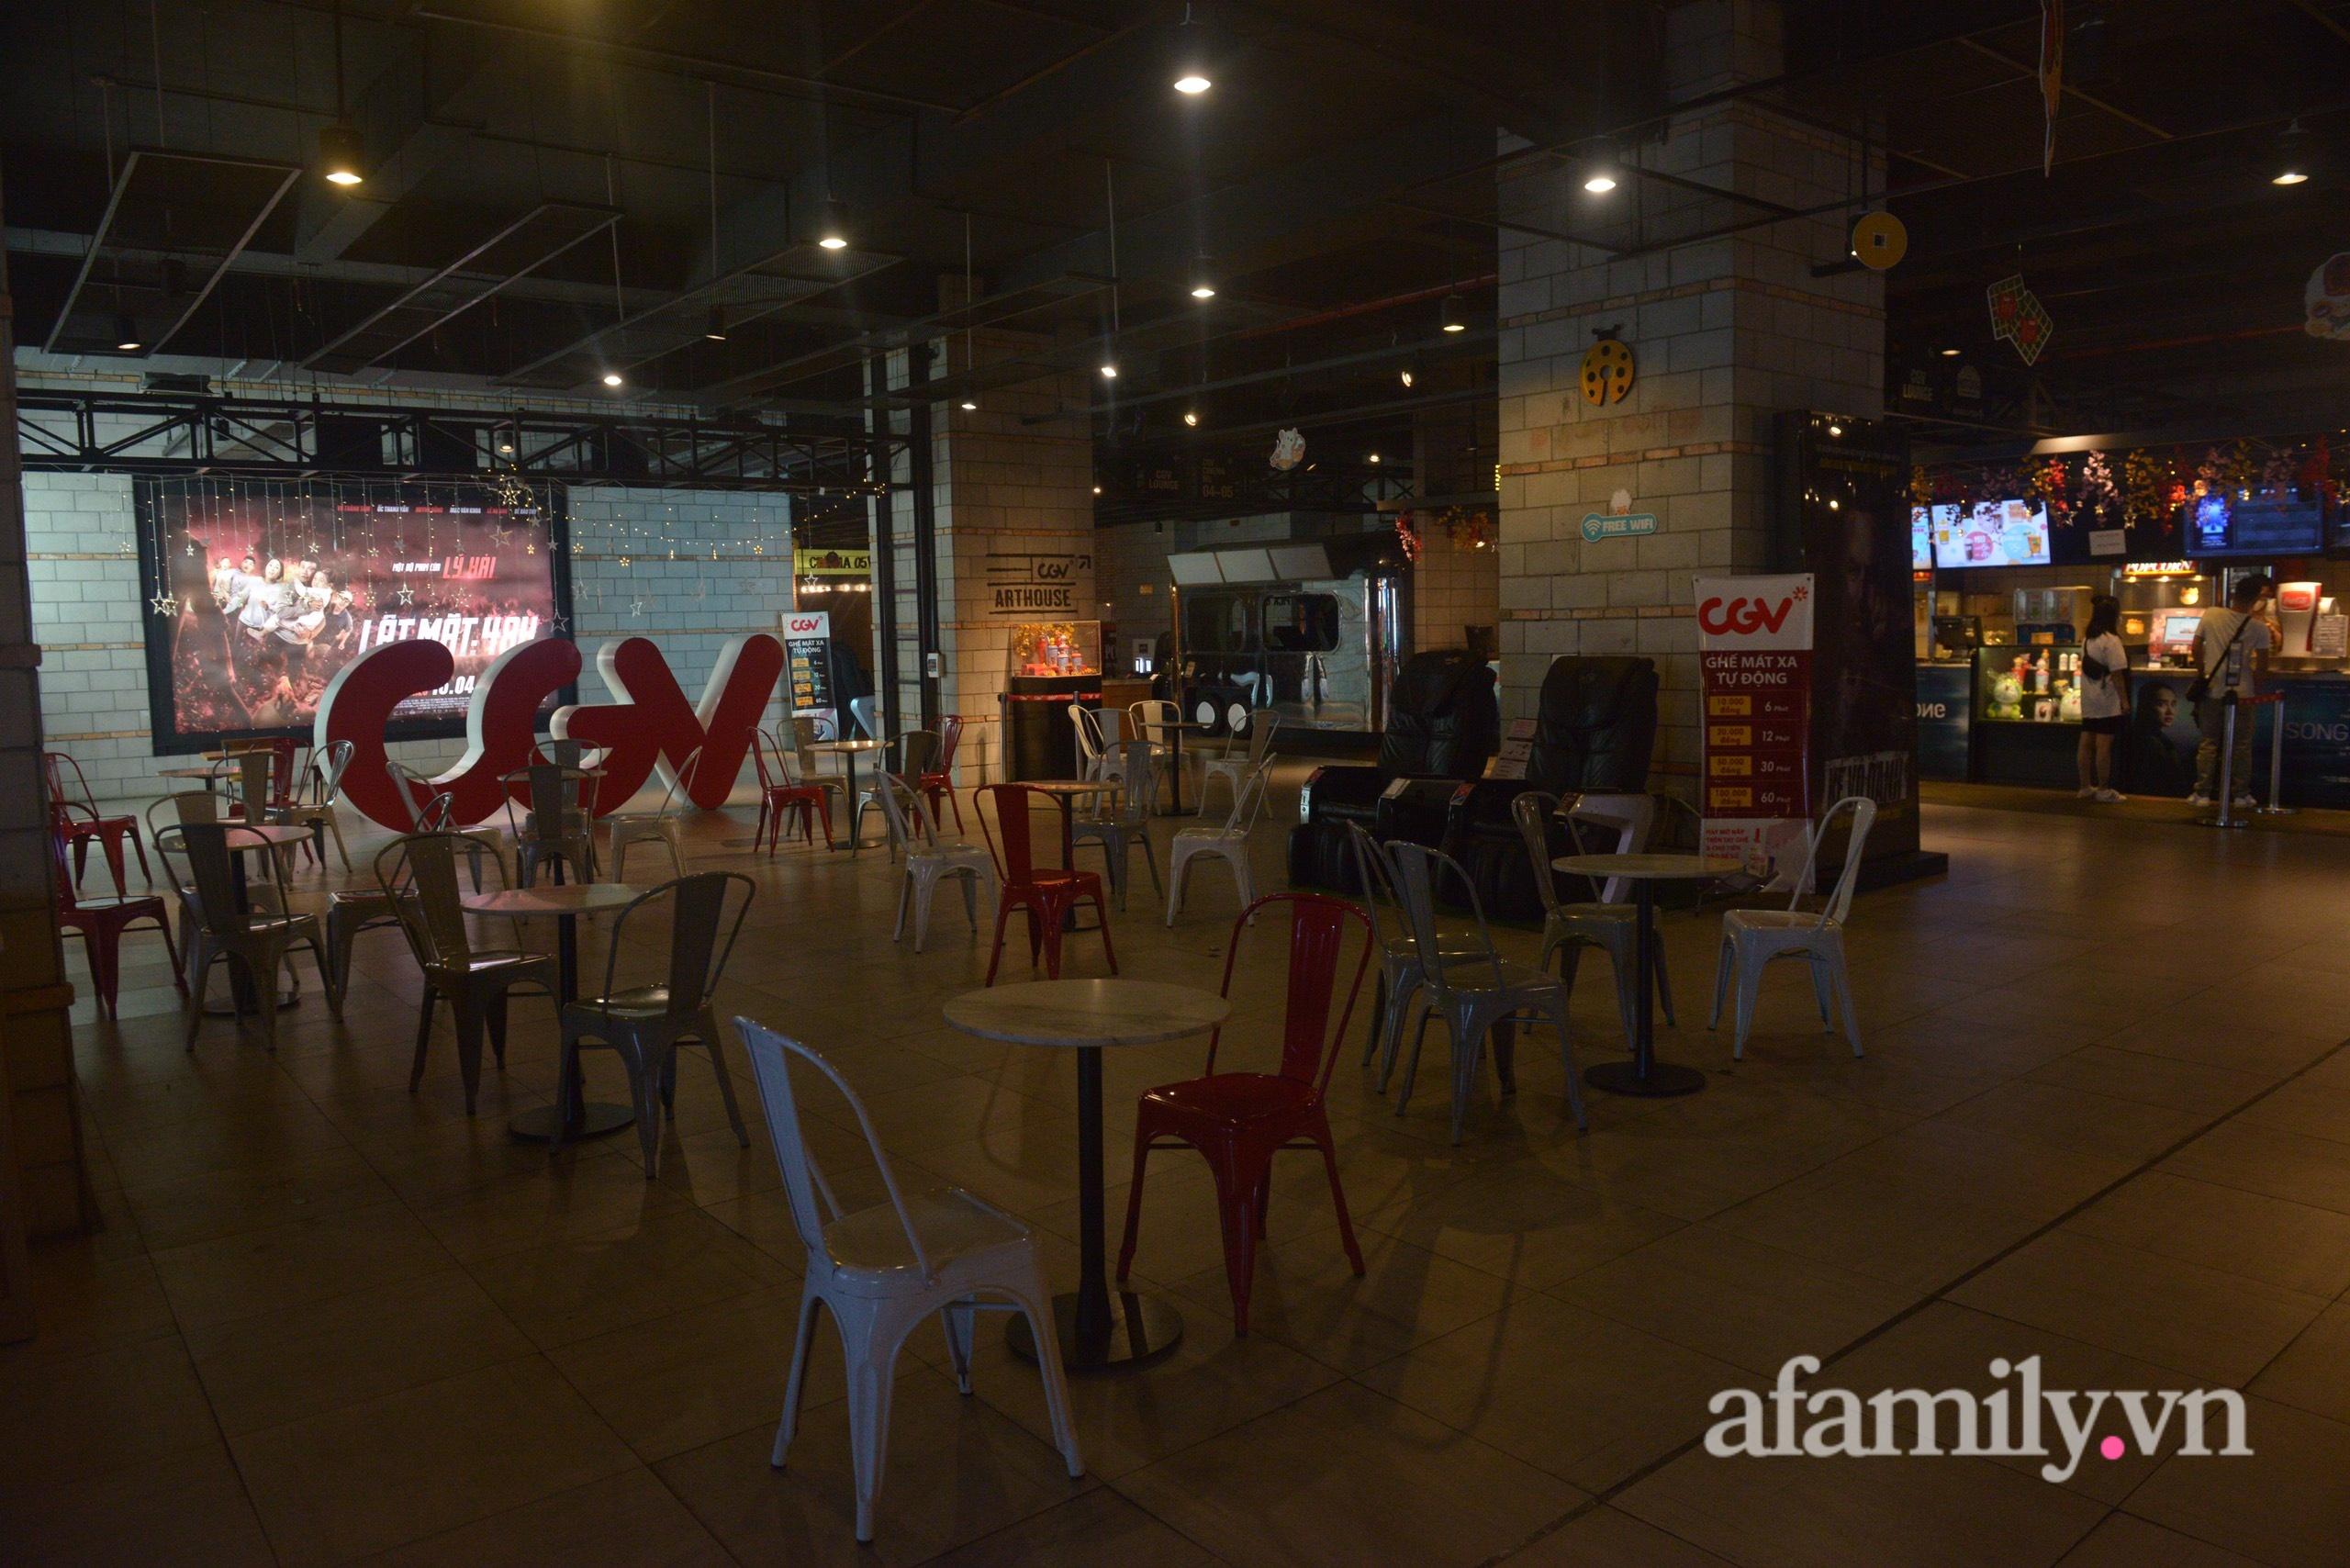 Rạp chiếu phim Hà Nội trước giờ tạm dừng hoạt động vì chống dịch: Vắng vẻ đến bất ngờ - Ảnh 2.